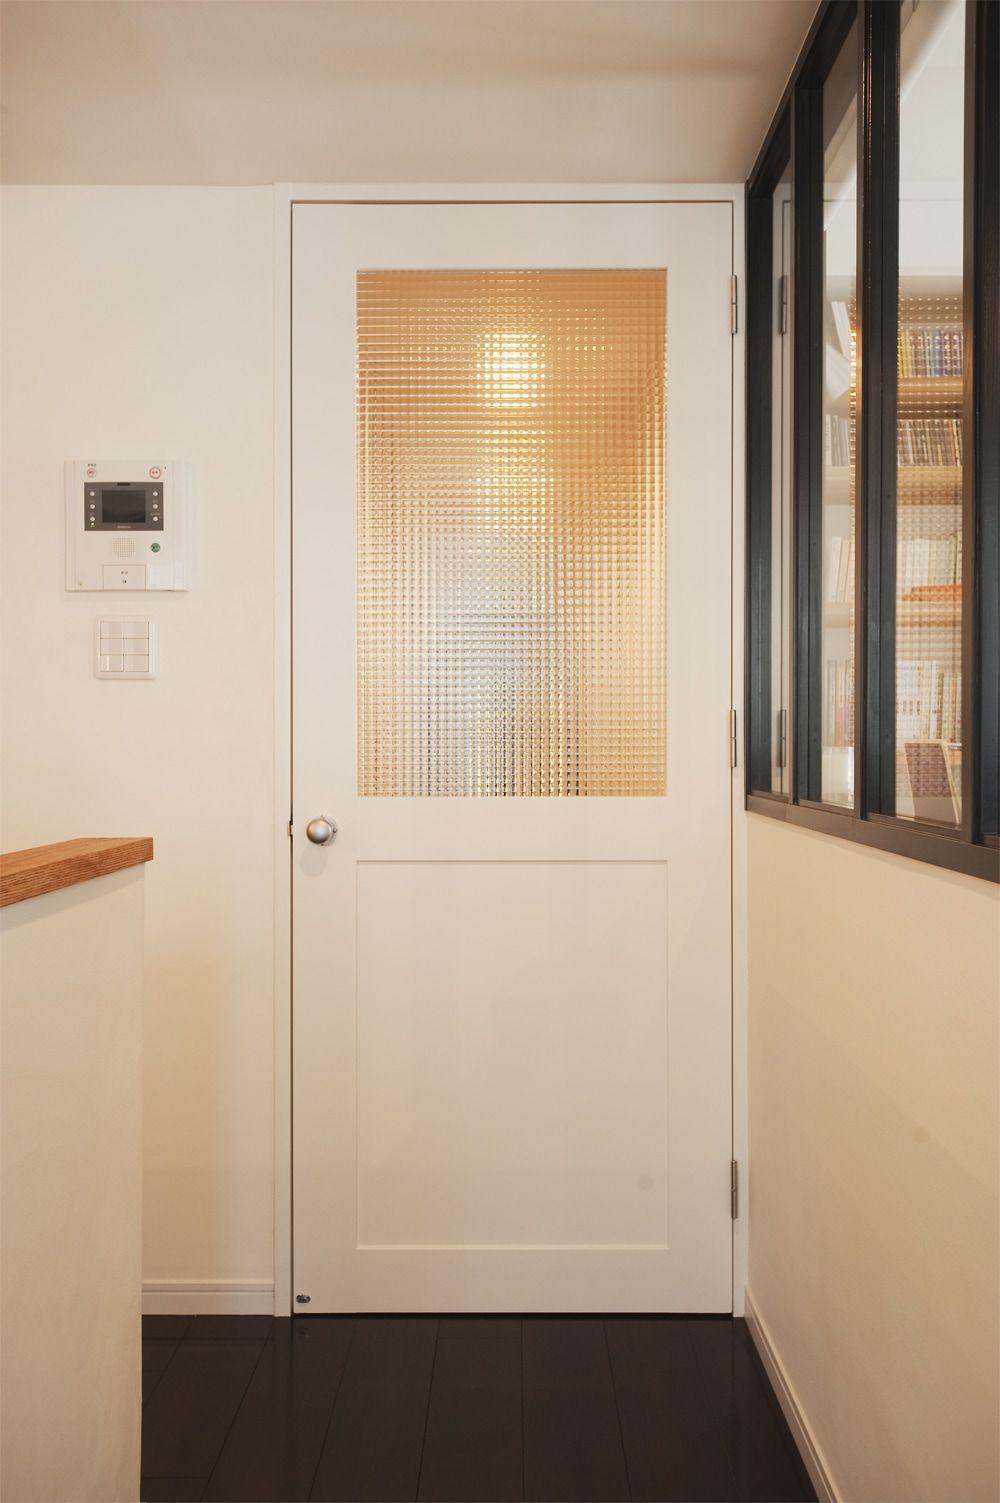 リフォーム リノベーションの事例 造作建具 ドア 施工事例no 267ちょうどよい距離感を内窓で スタイル工房 인테리어 집안 꾸미기 및 침실